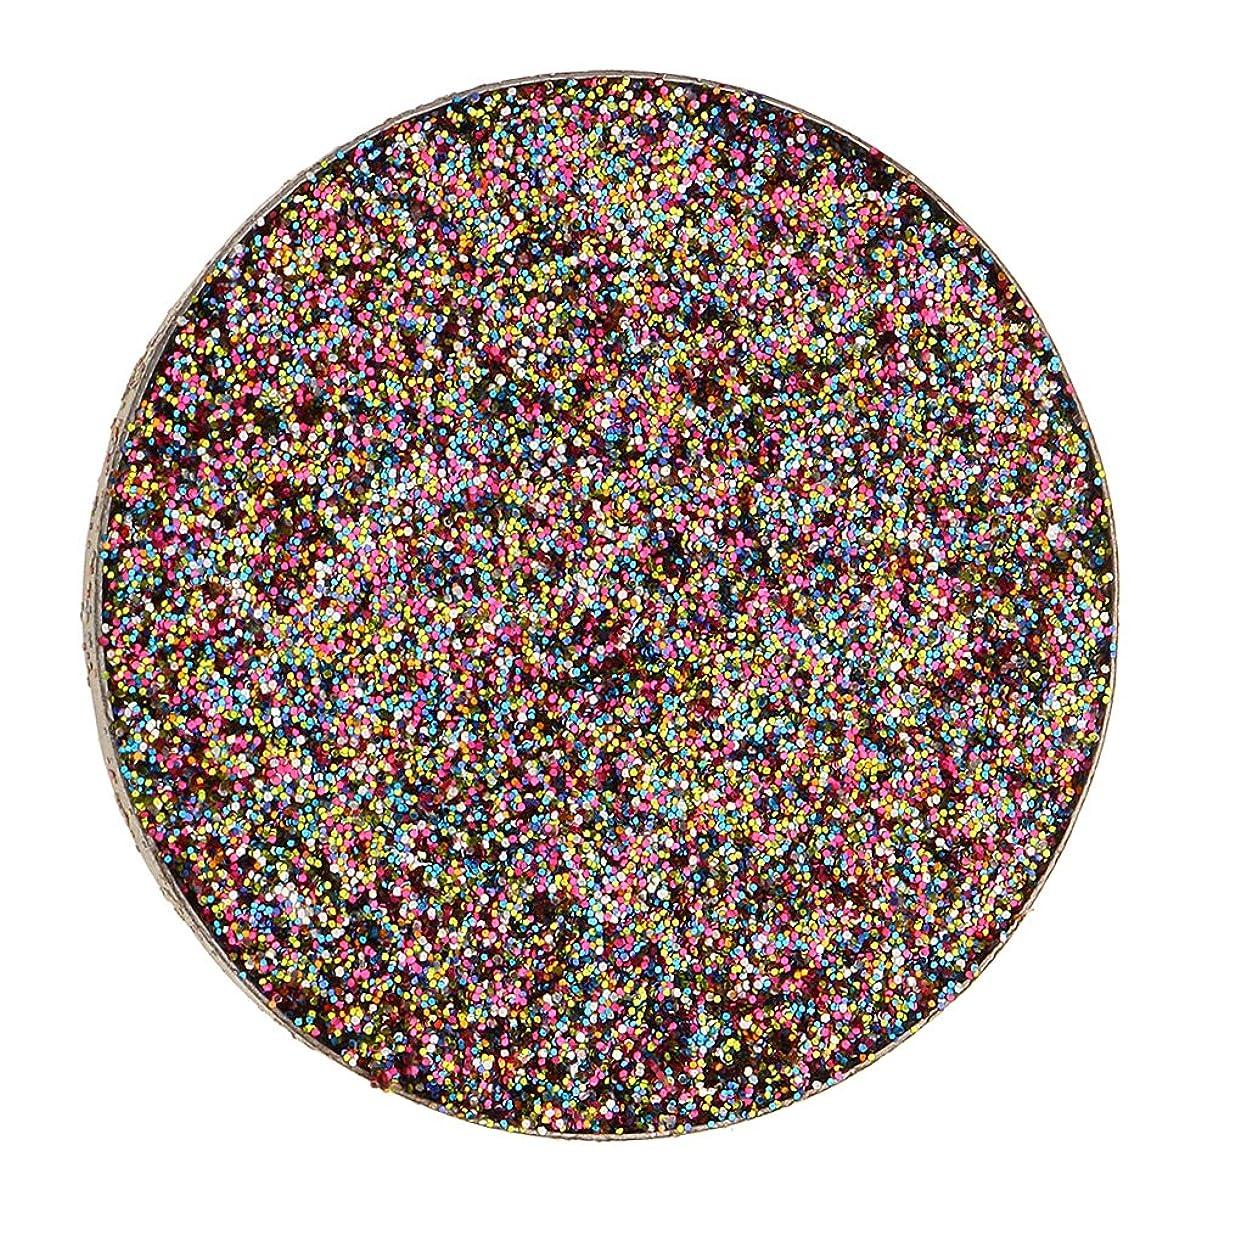 テレマコス東ティモール劇場Fenteer キラキラ シマー メイクアップ アイシャドウ 顔料 長持ち 目を引く 魅力的 全5色 - マルチ